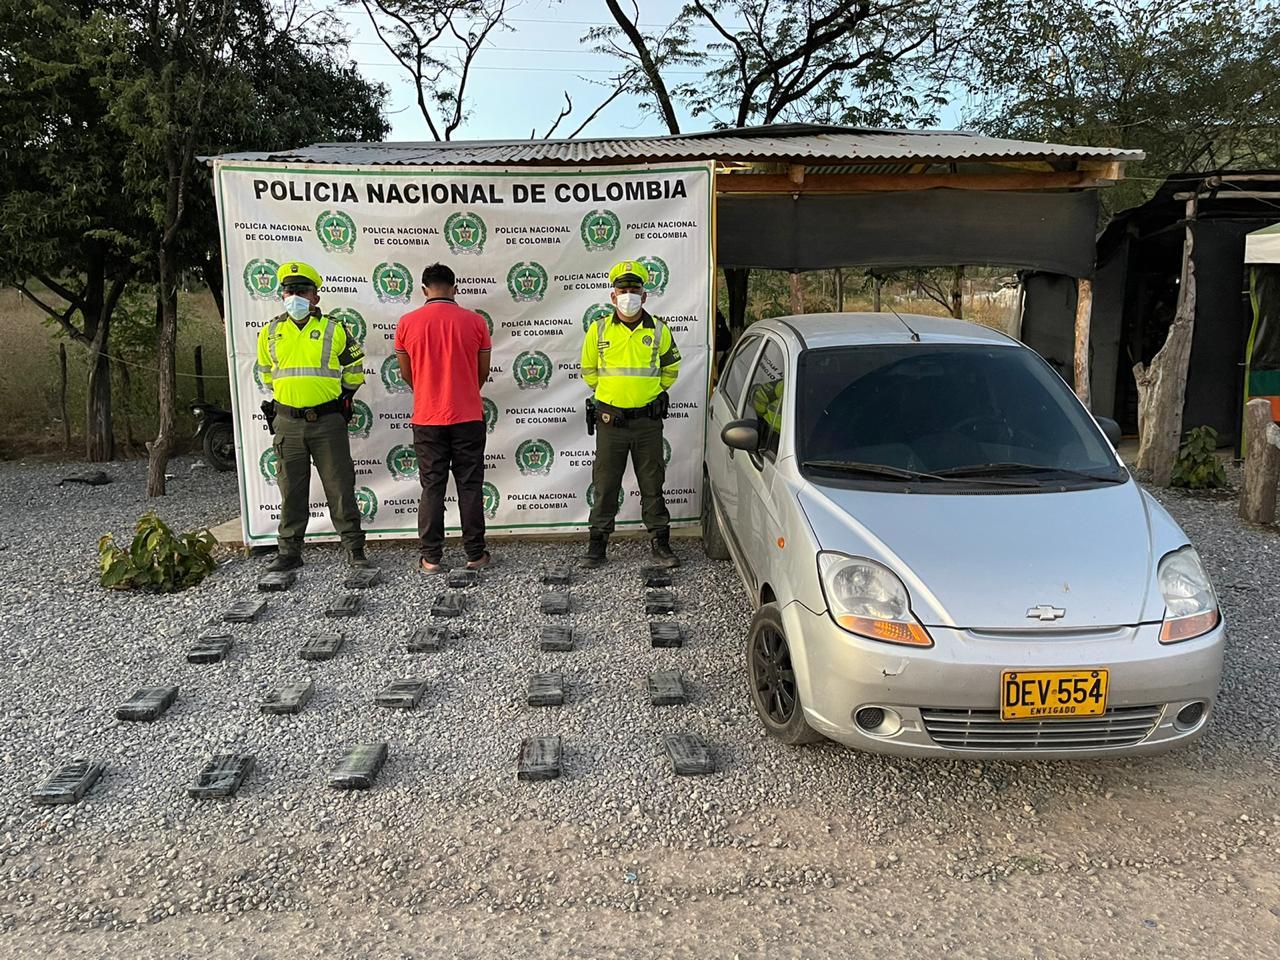 hoyennoticia.com, Sorprendido con 25 kilos de coca en Hatonuevo